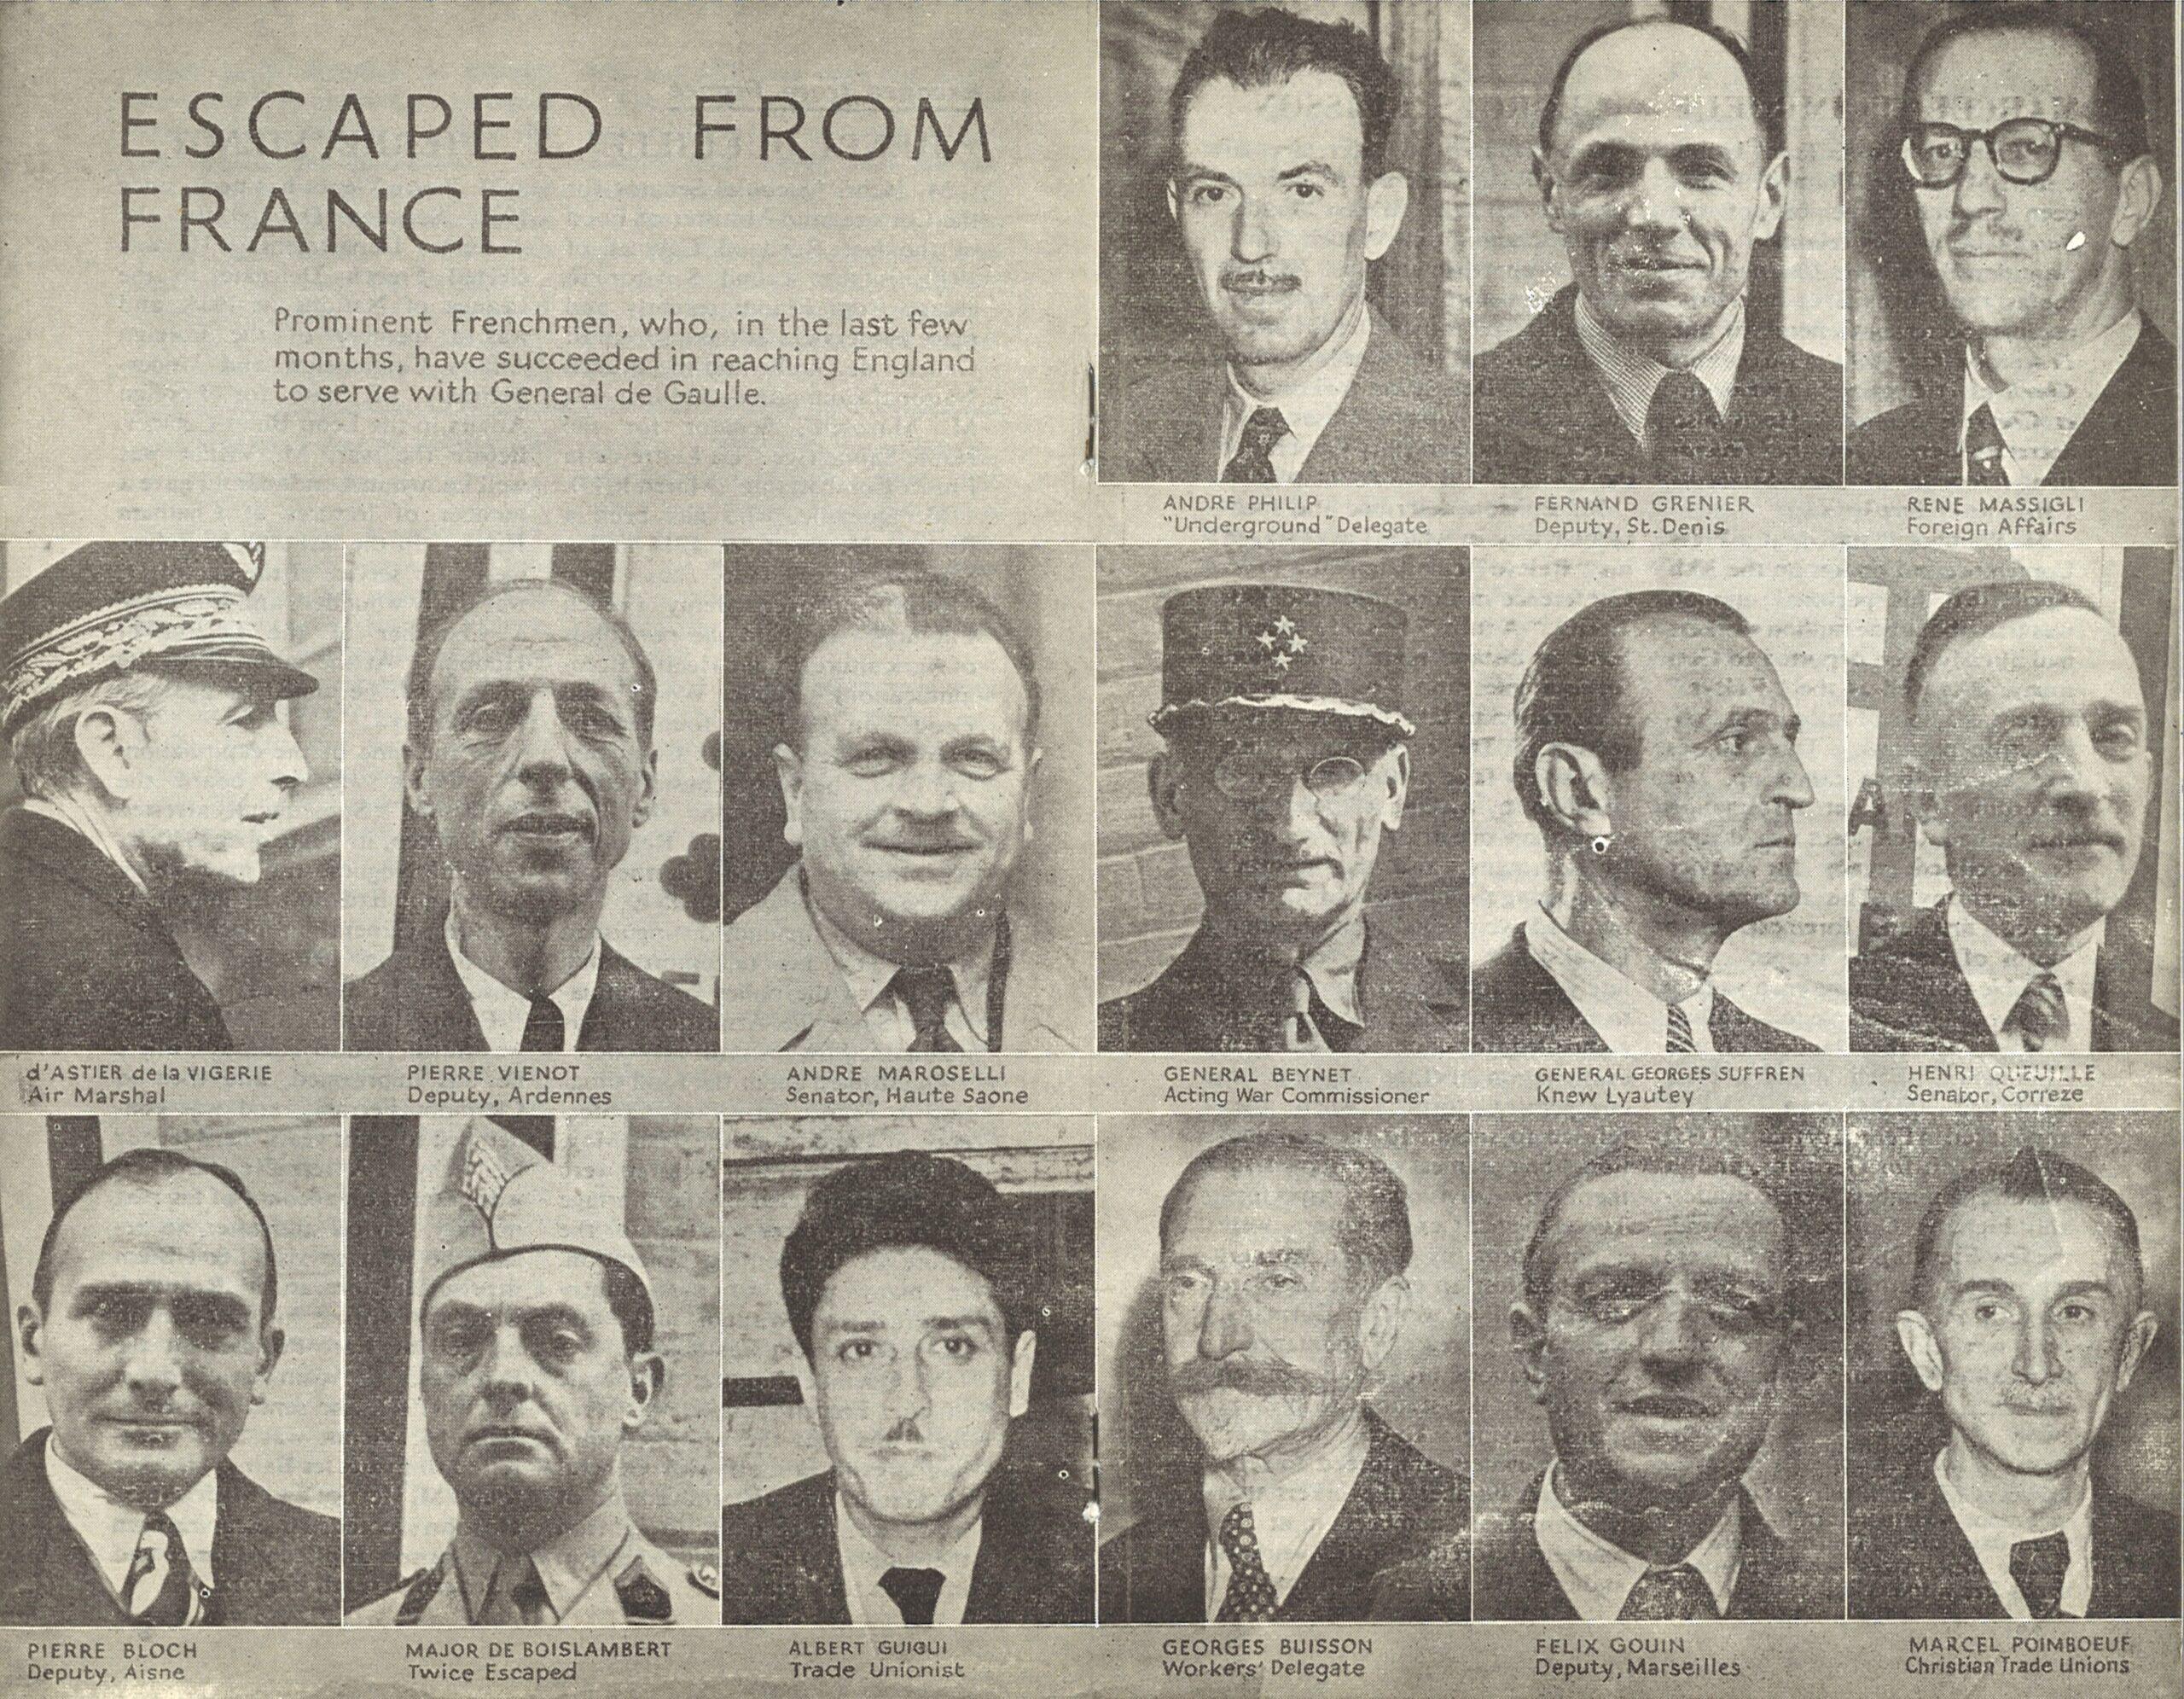 L'évasion de politiques, de syndicalistes et de militaires